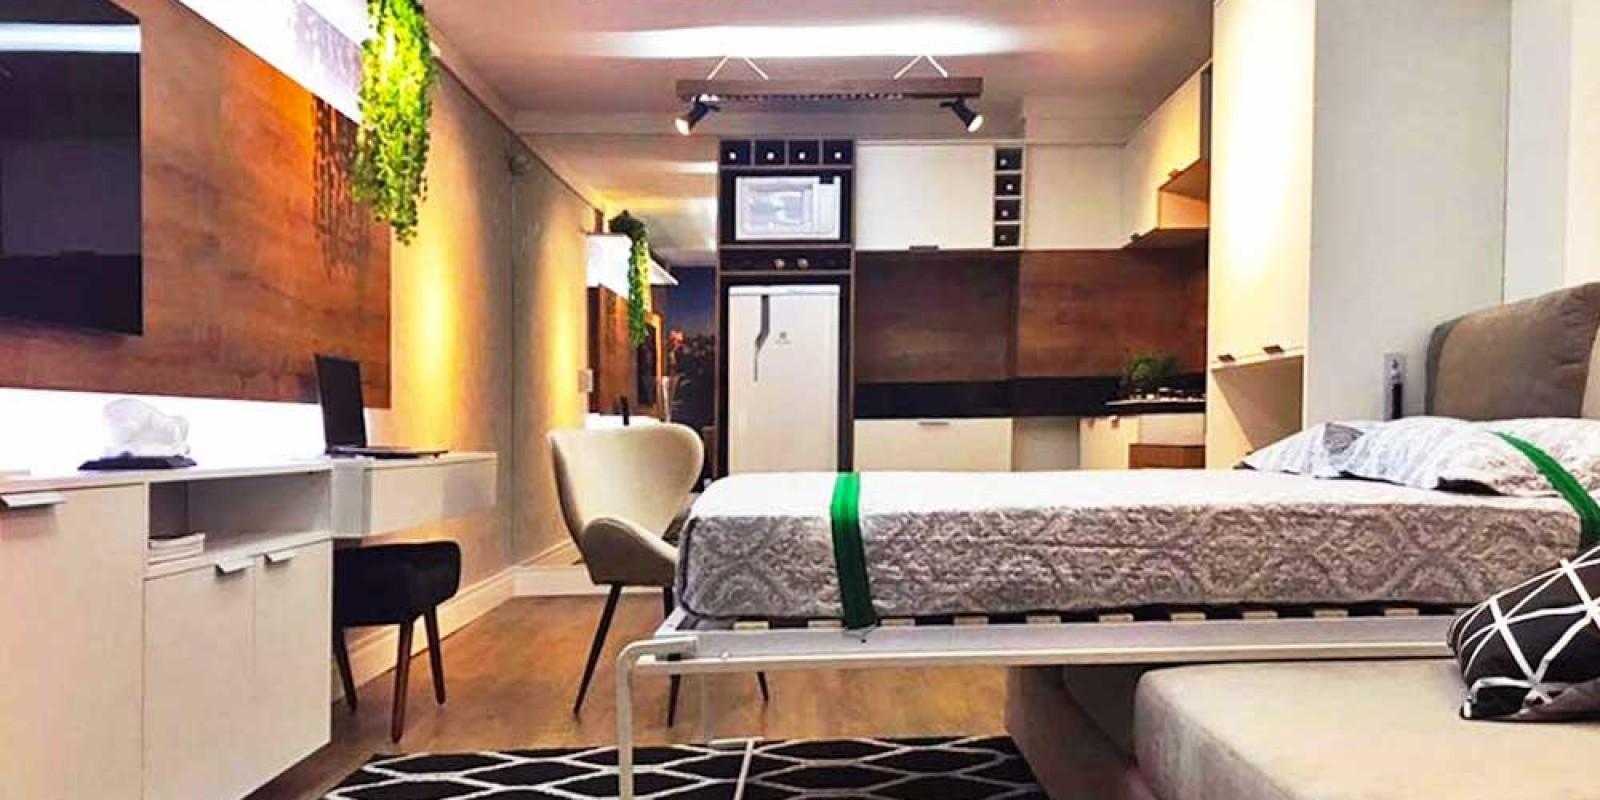 TPS Imóveis - Veja Foto 17 de 20 do Apartamento Studio Perto PUC-RS